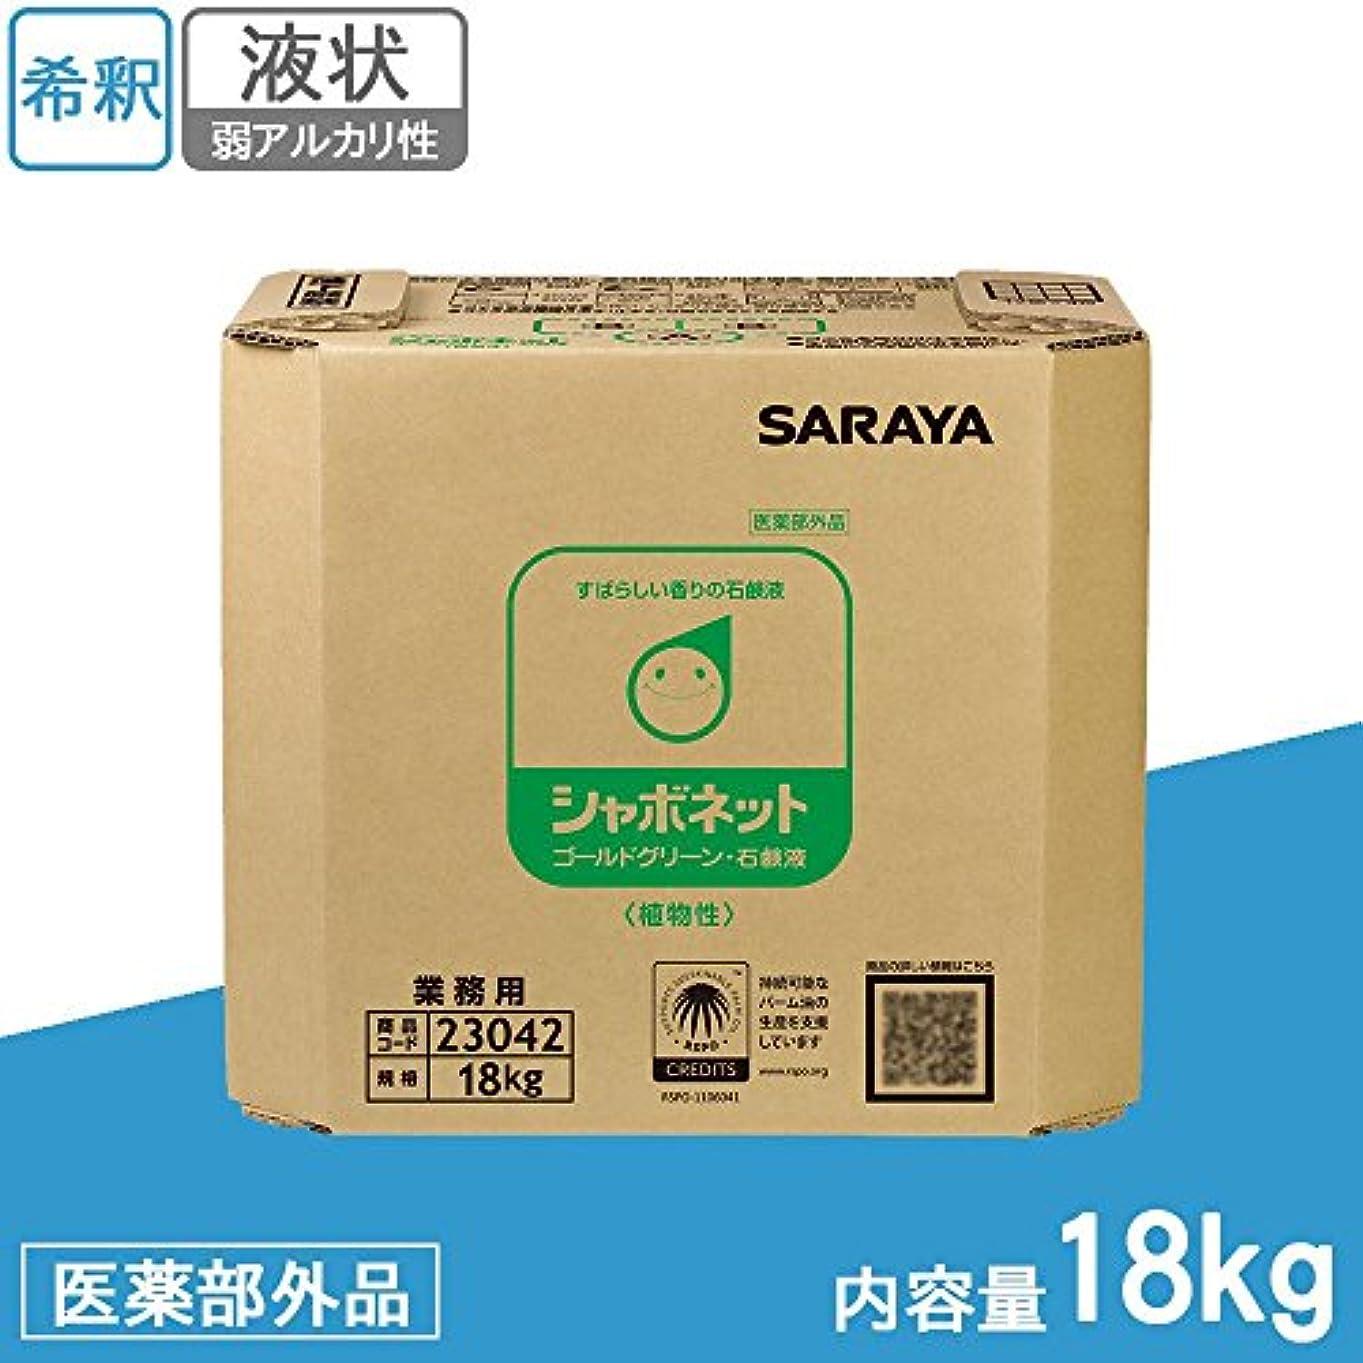 ボスあからさま提出するサラヤ 業務用 手洗い用石けん液 シャボネットゴールドグリーン スズランの香り 18kg BIB 23042 (医薬部外品)